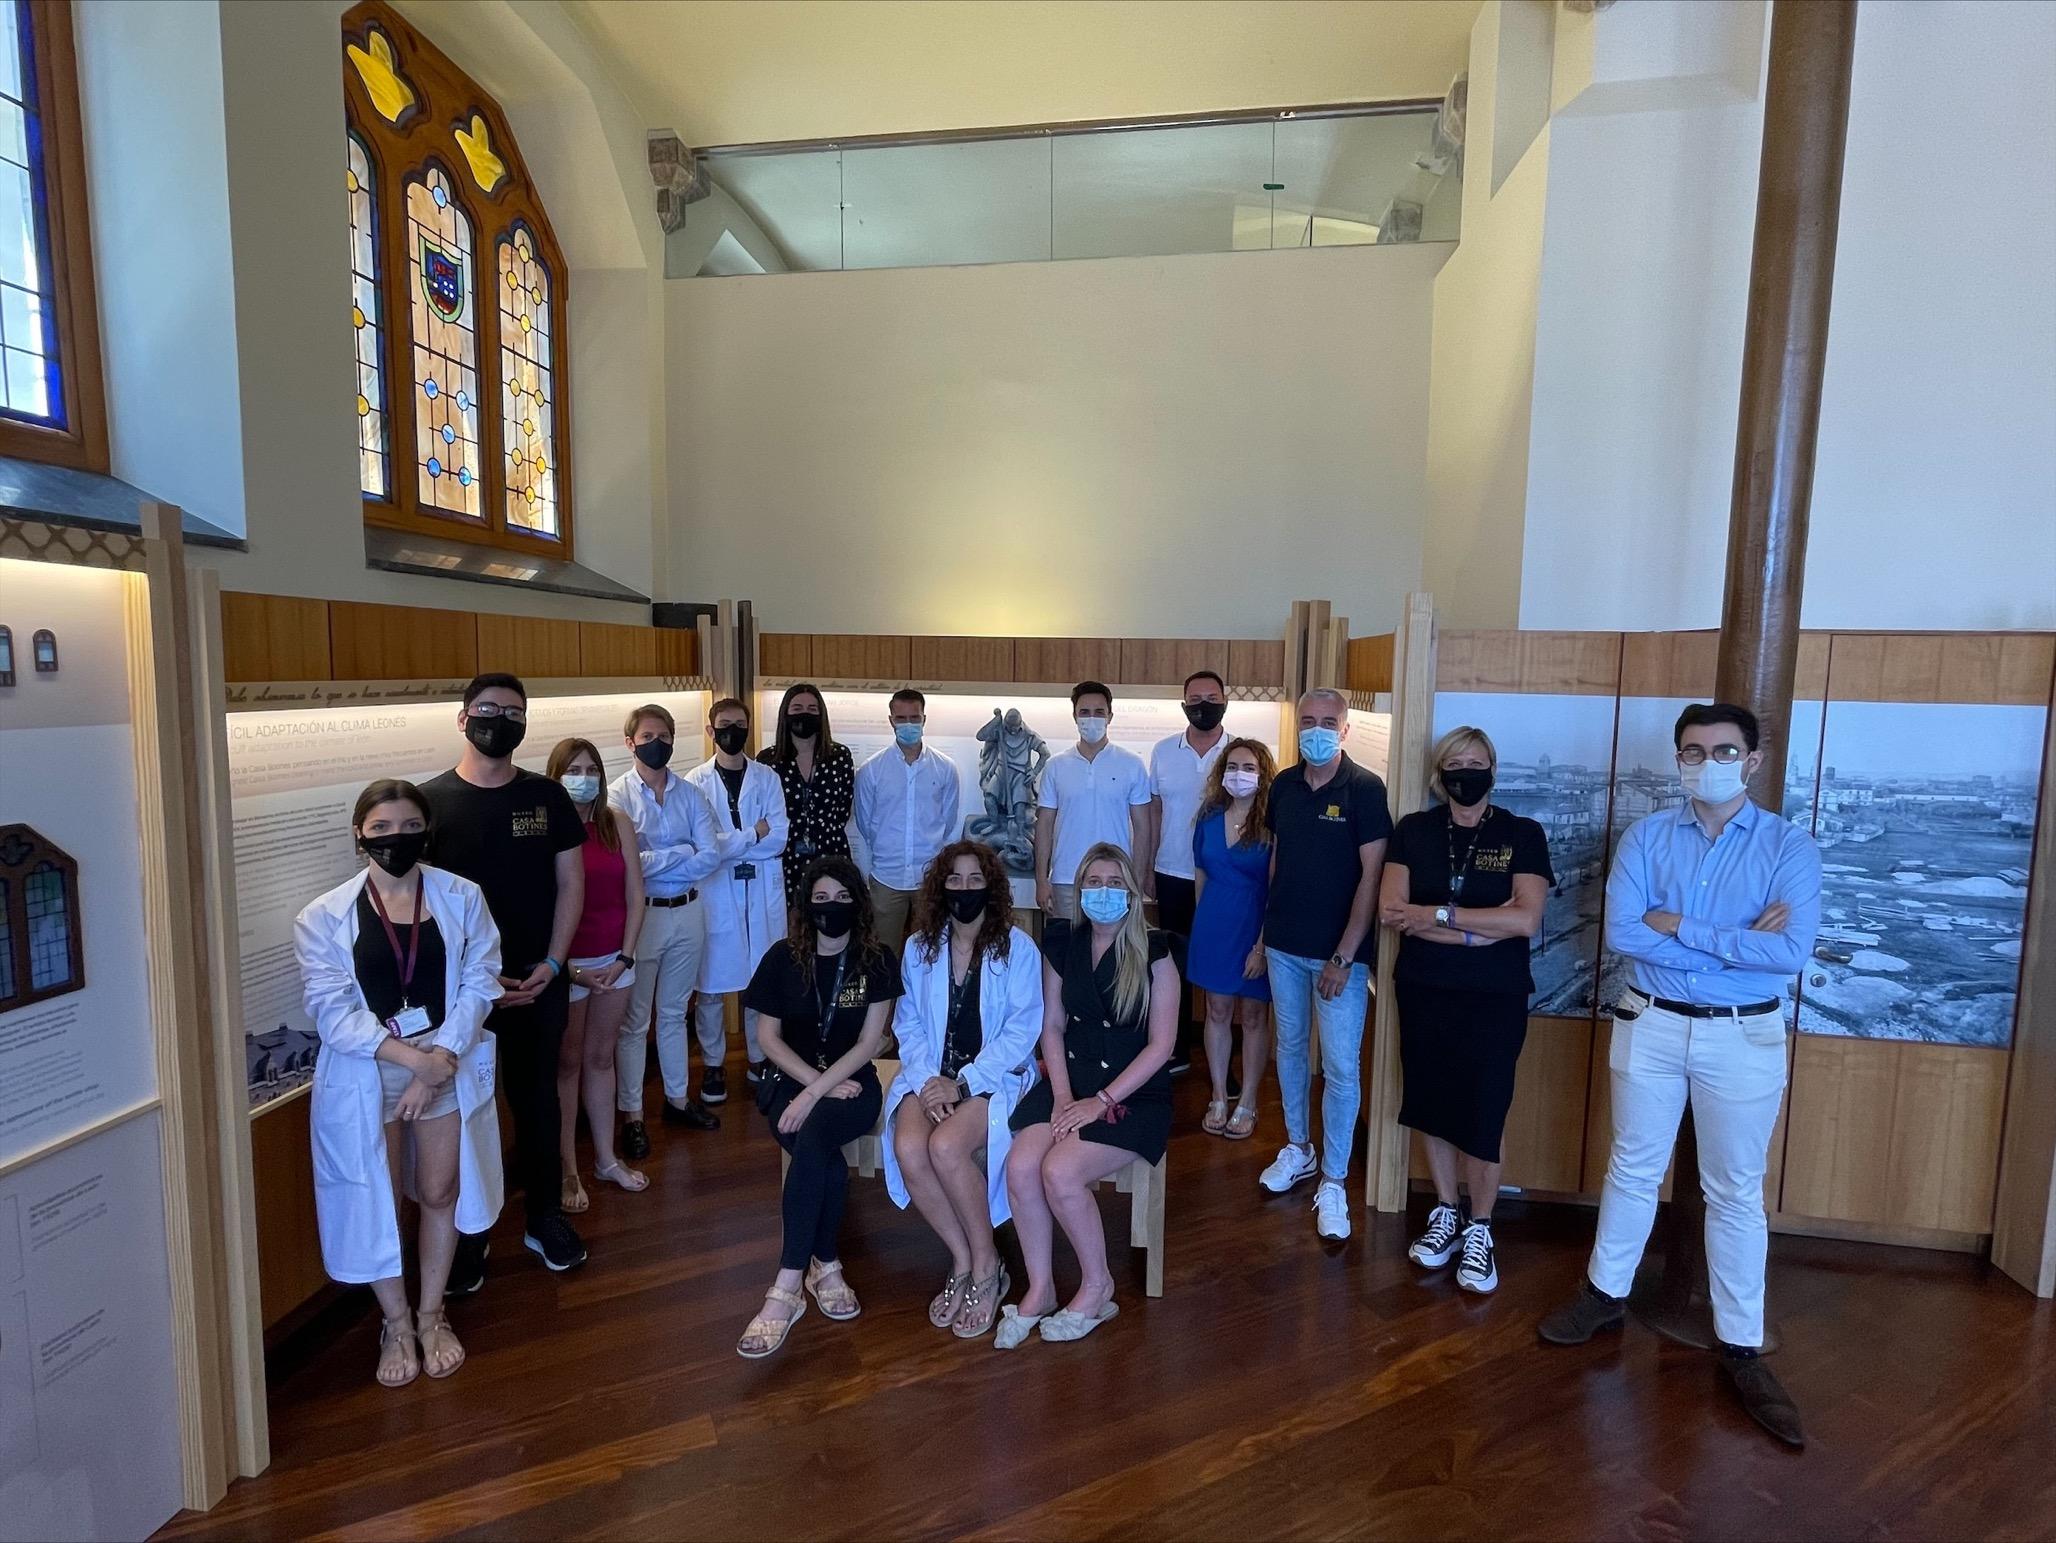 Trabajadores del Museo Casa Botines Gaudí junto a la reproducción del San Jorge colocada en la exposición de Museo.